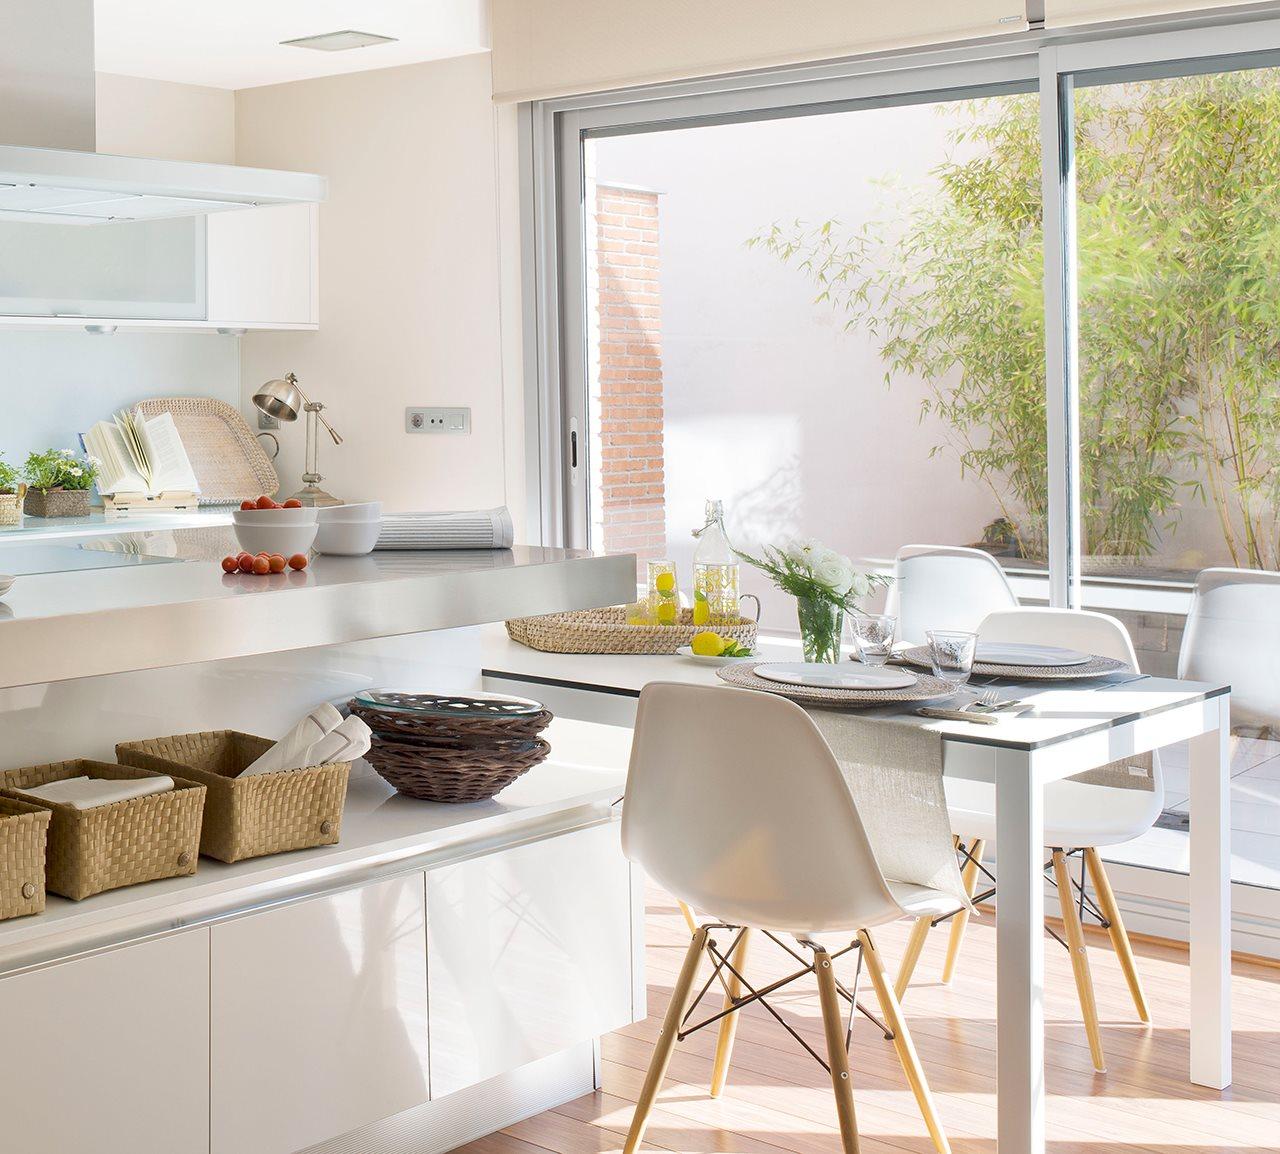 Grupo inventia inventia reformas barcelona cocina con for Cocinas estrechas con mesa